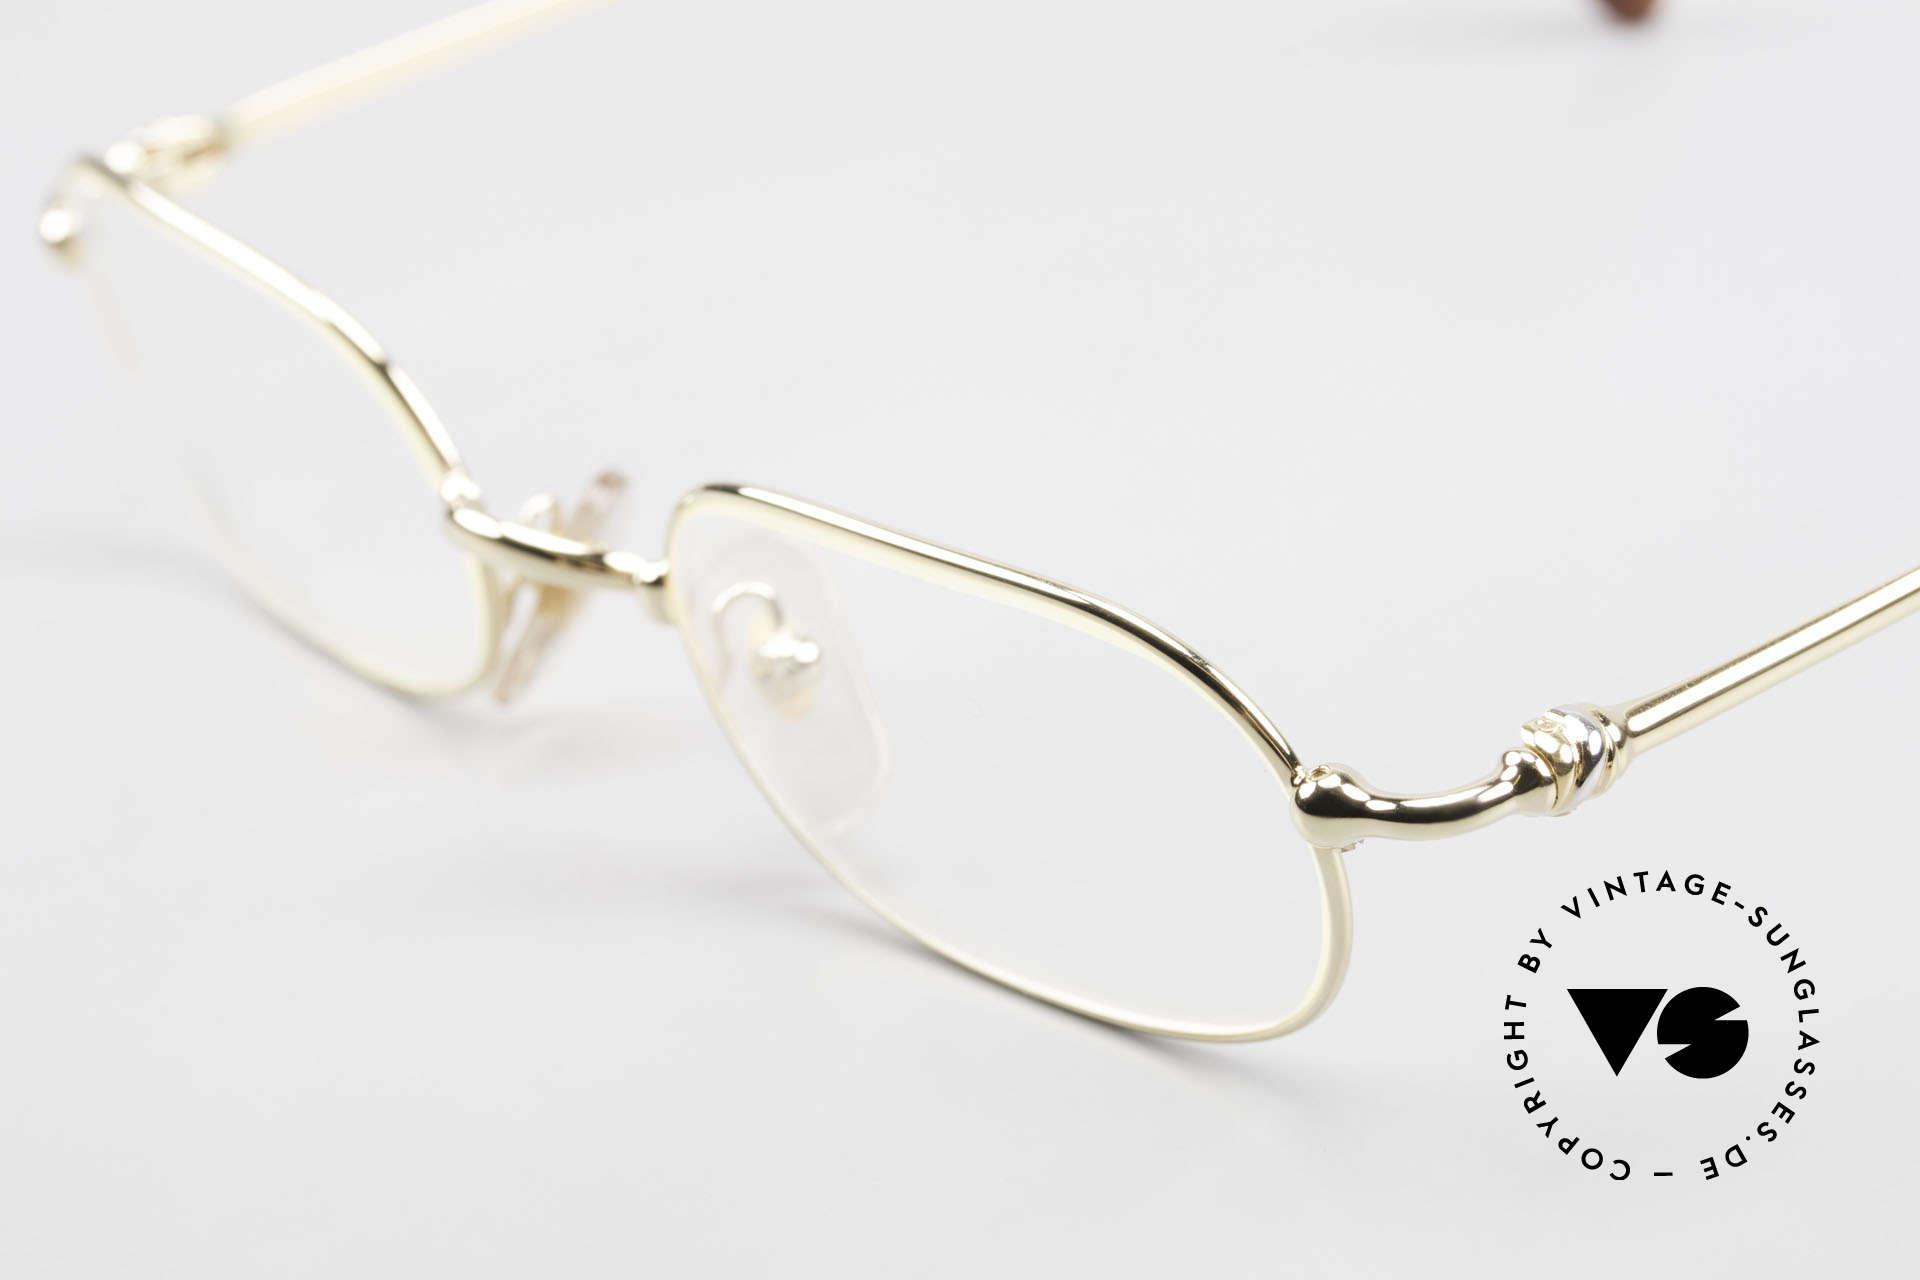 Cartier Orfy 90er Luxusbrille Eckig Unisex, 22kt vergoldete Metall-Fassung in Größe 50-21, 140, Passend für Herren und Damen